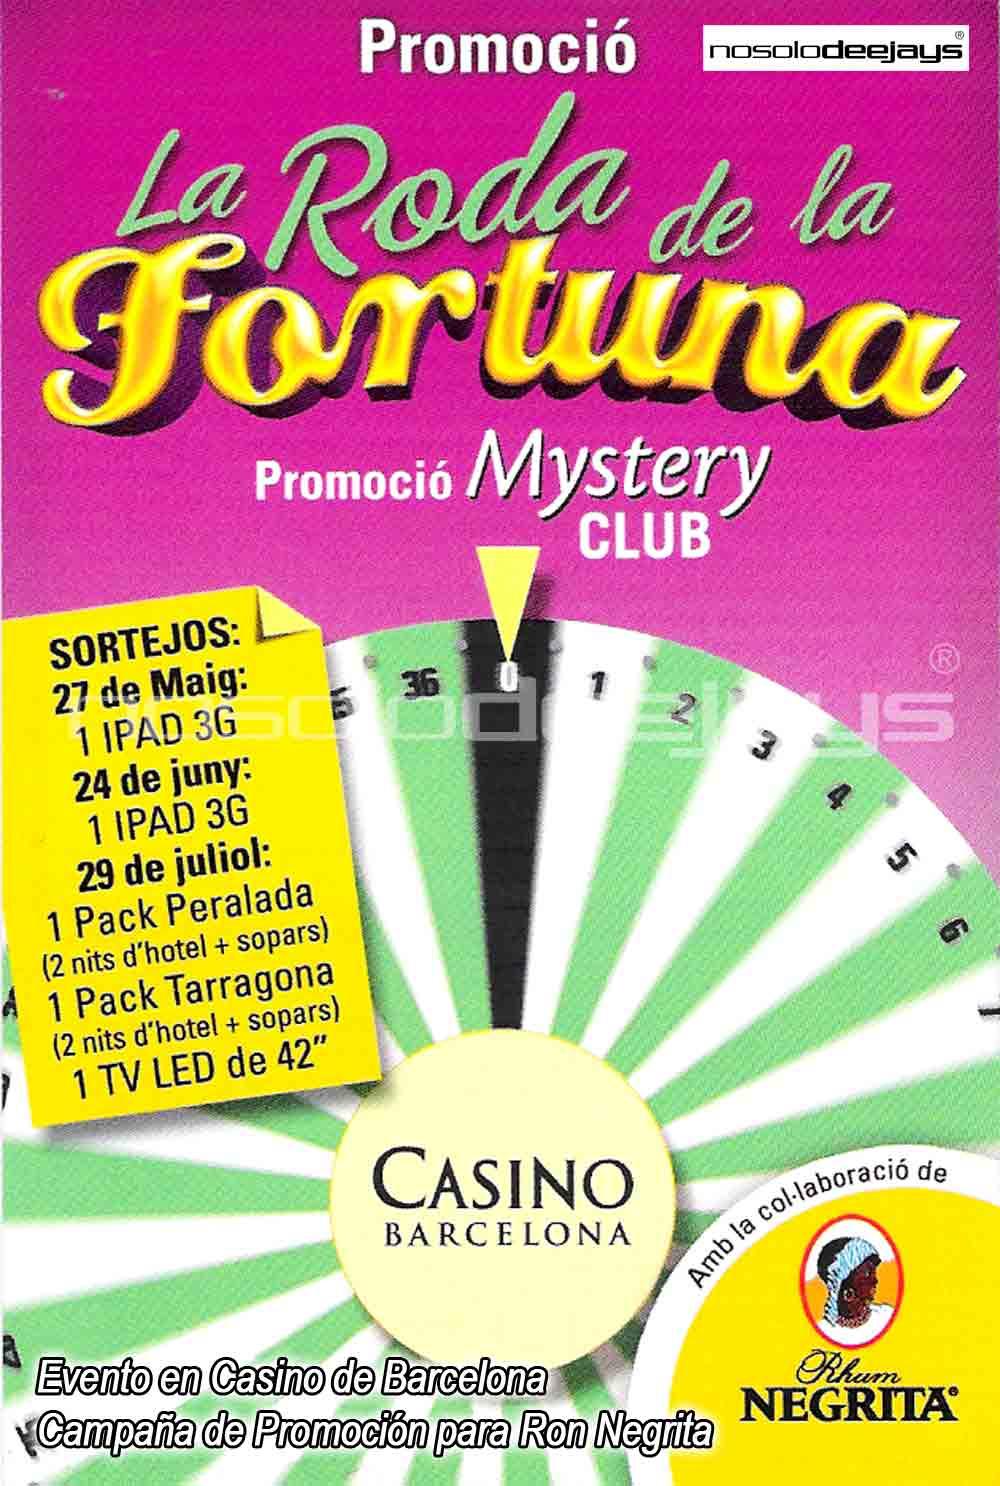 Evento en Casino de Barcelona, Flyer